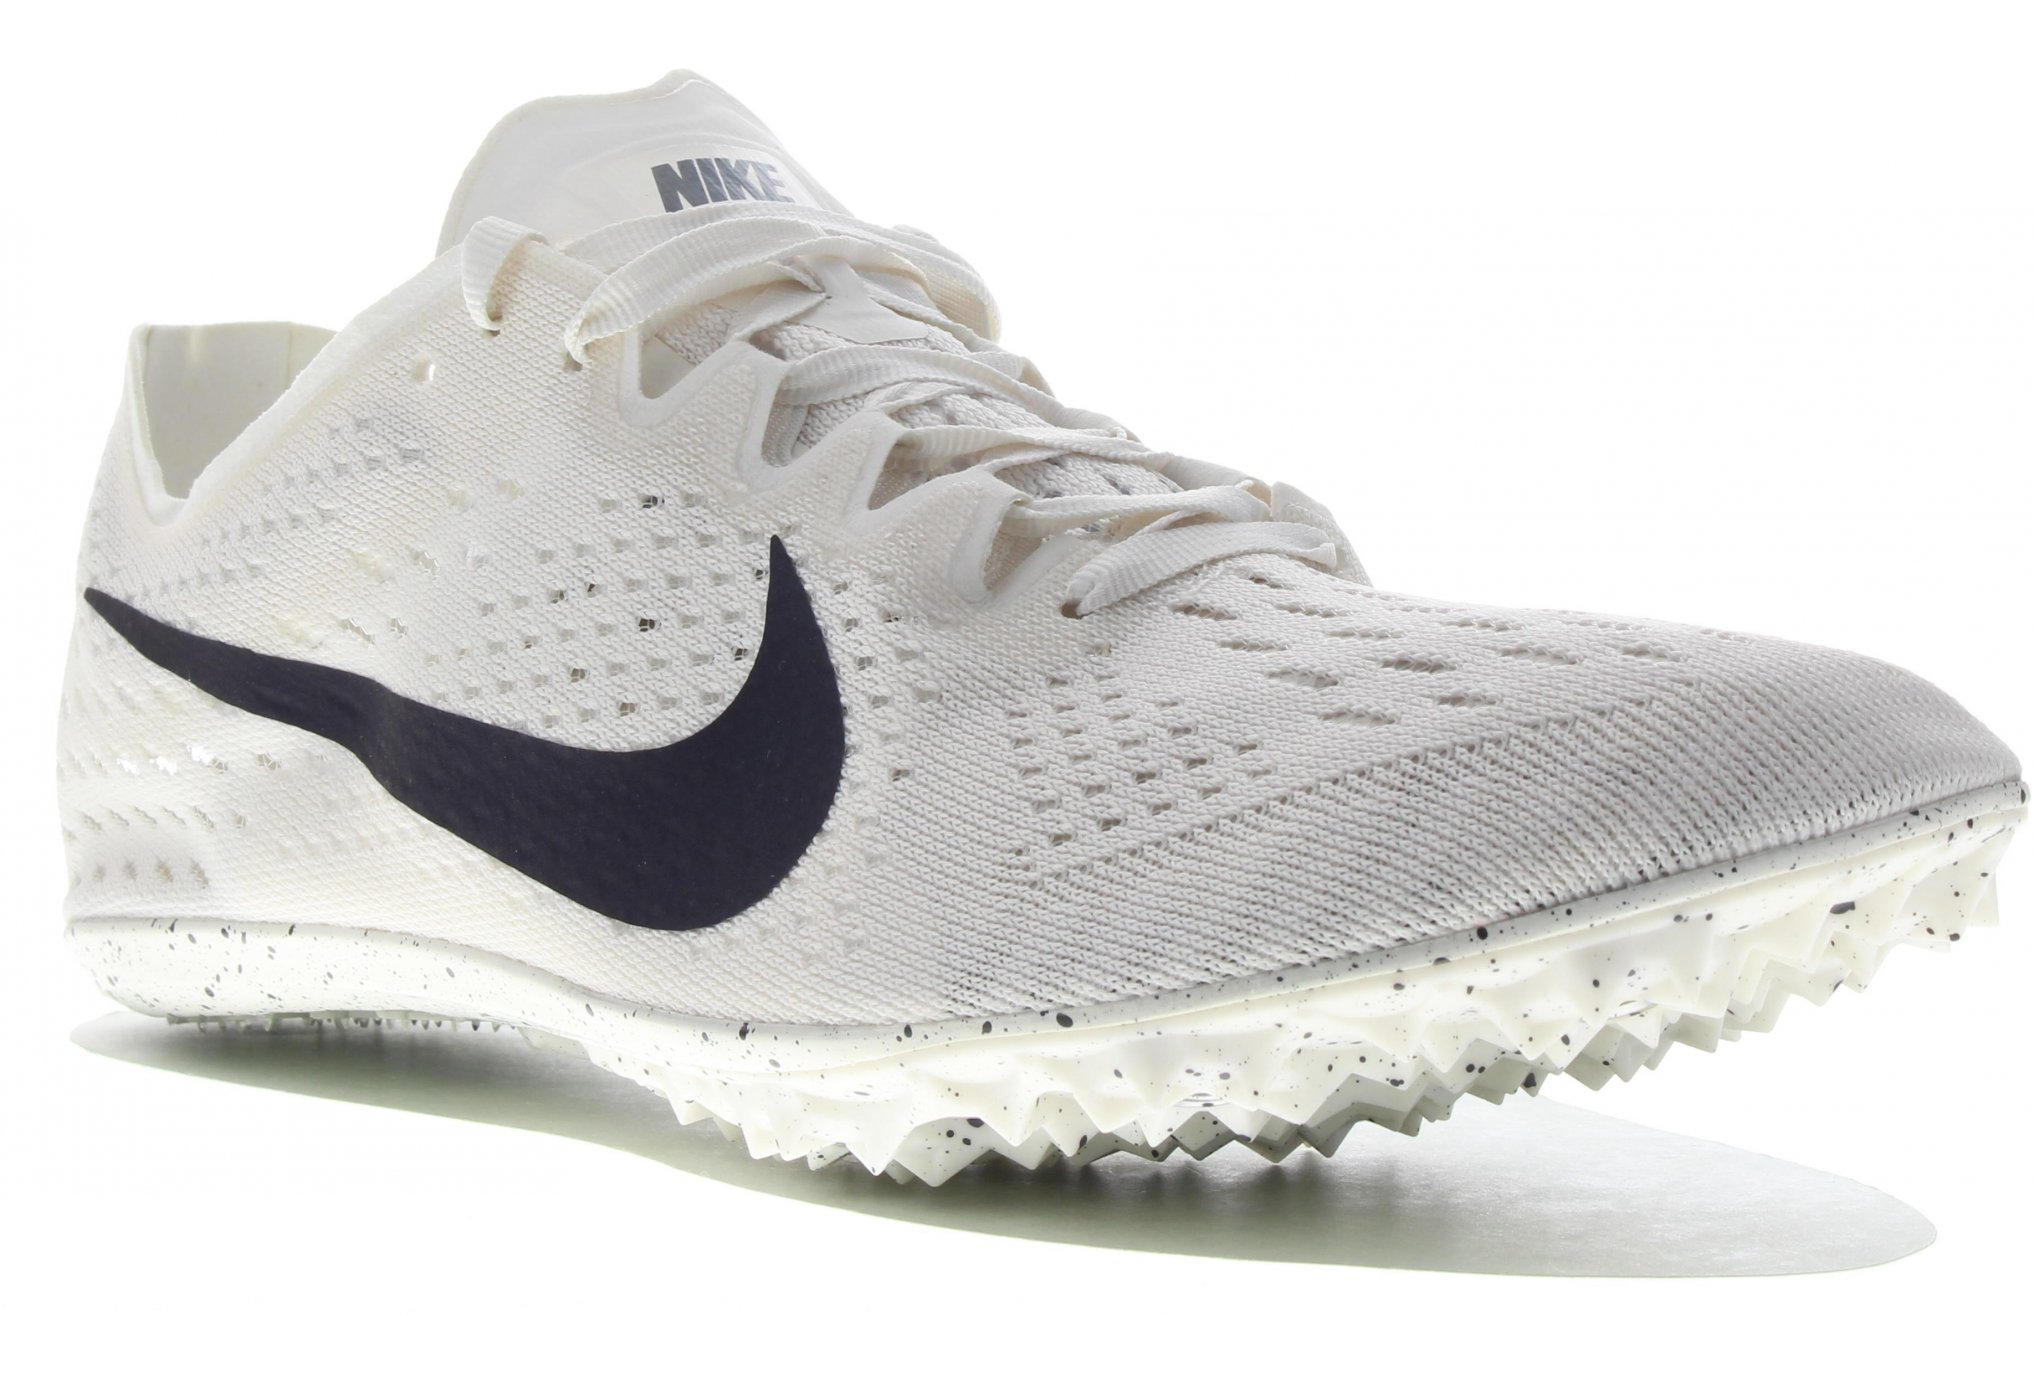 Nike Zoom Victory 3 M Diététique Chaussures homme